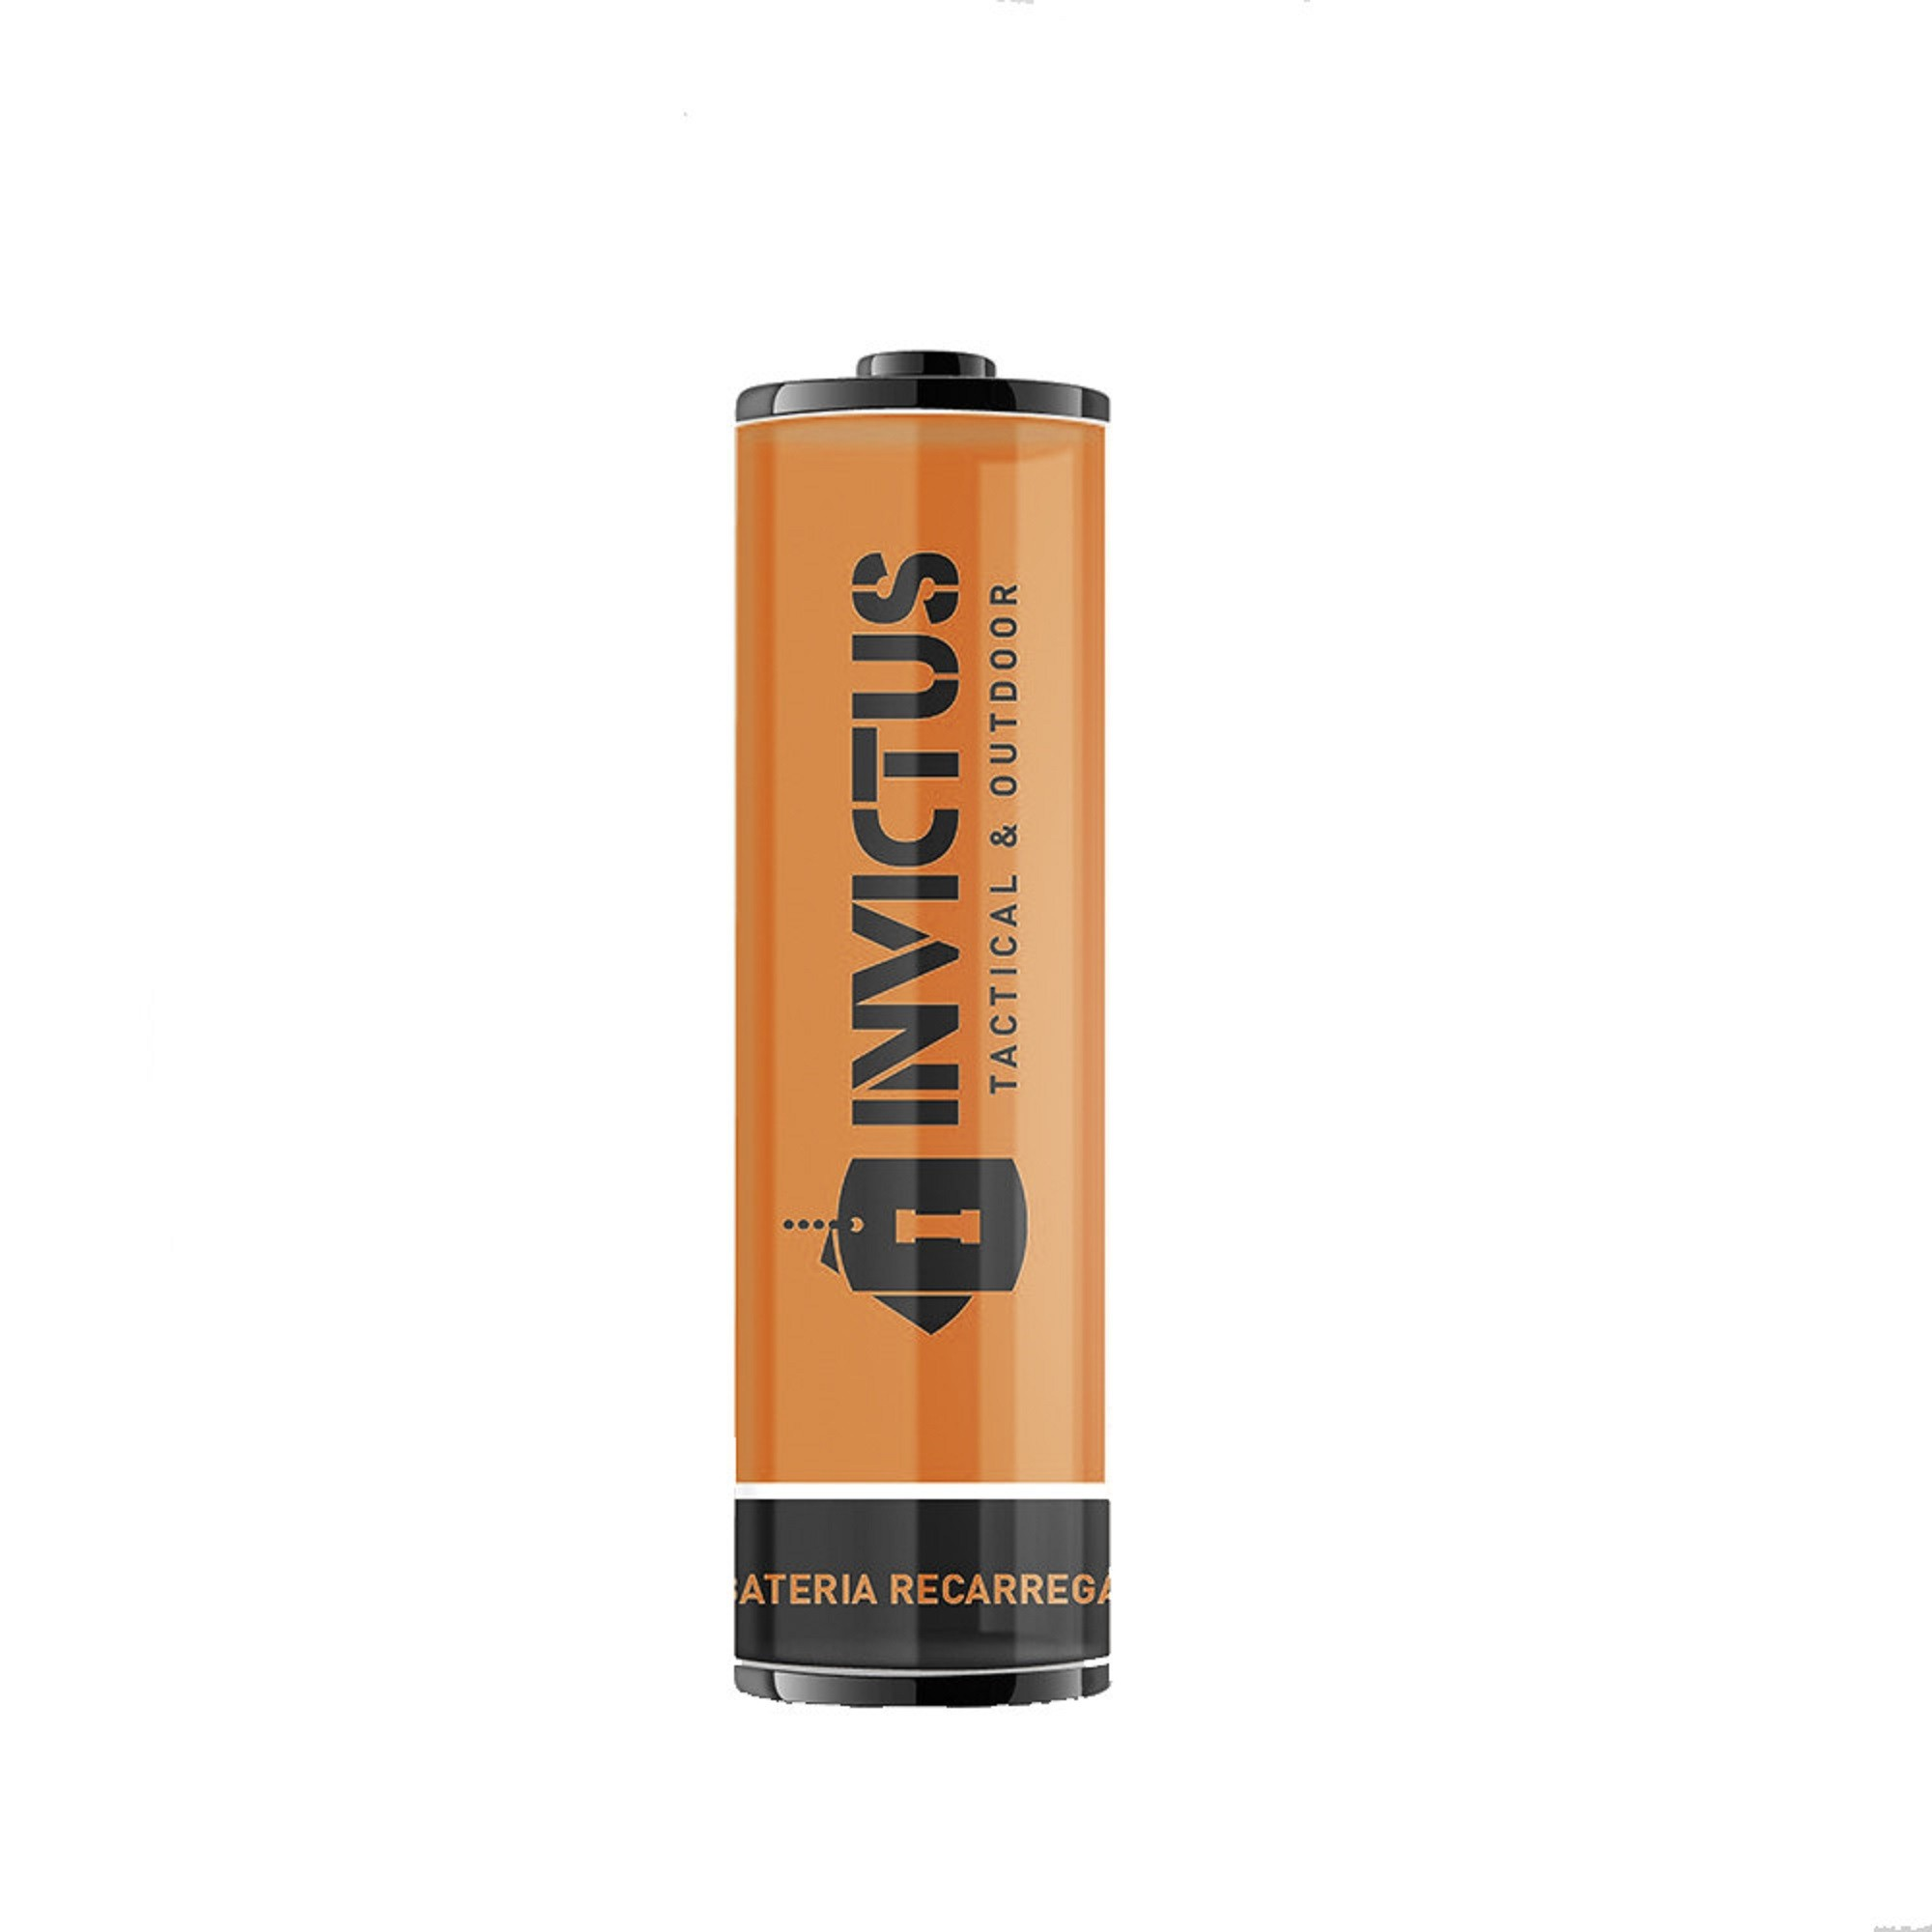 Bateria Recarregável Invictus 14500